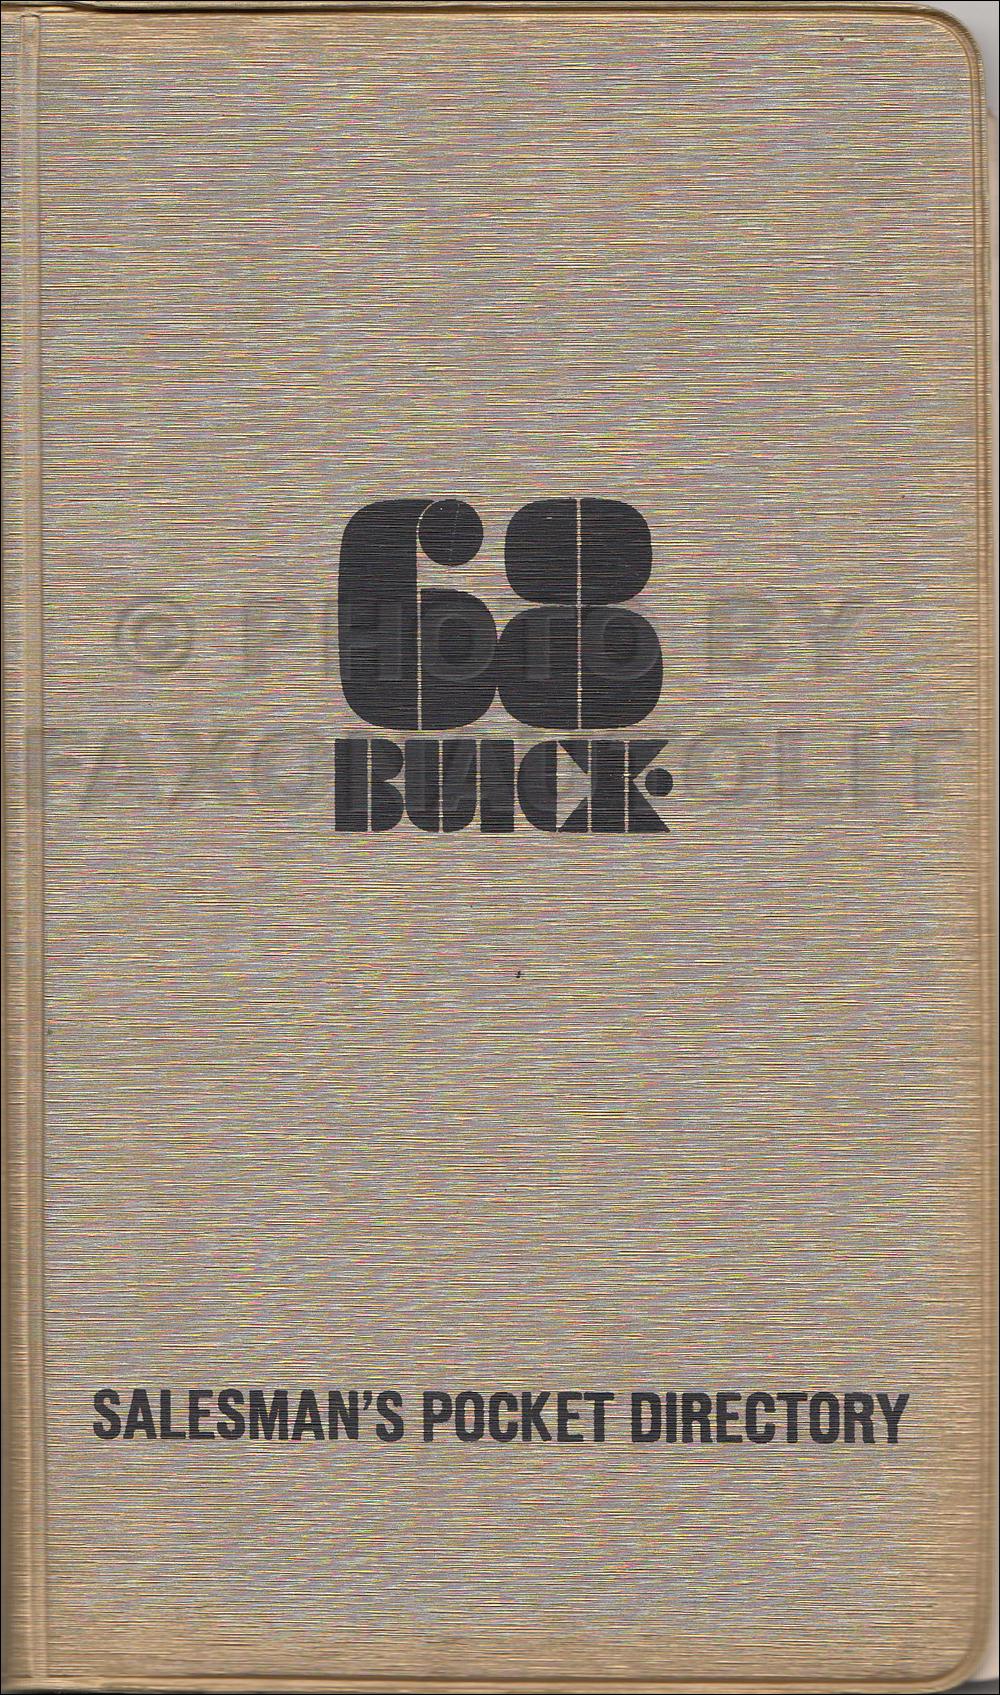 1968 Buick Wiring Diagram Manual Reprint Special  Gran